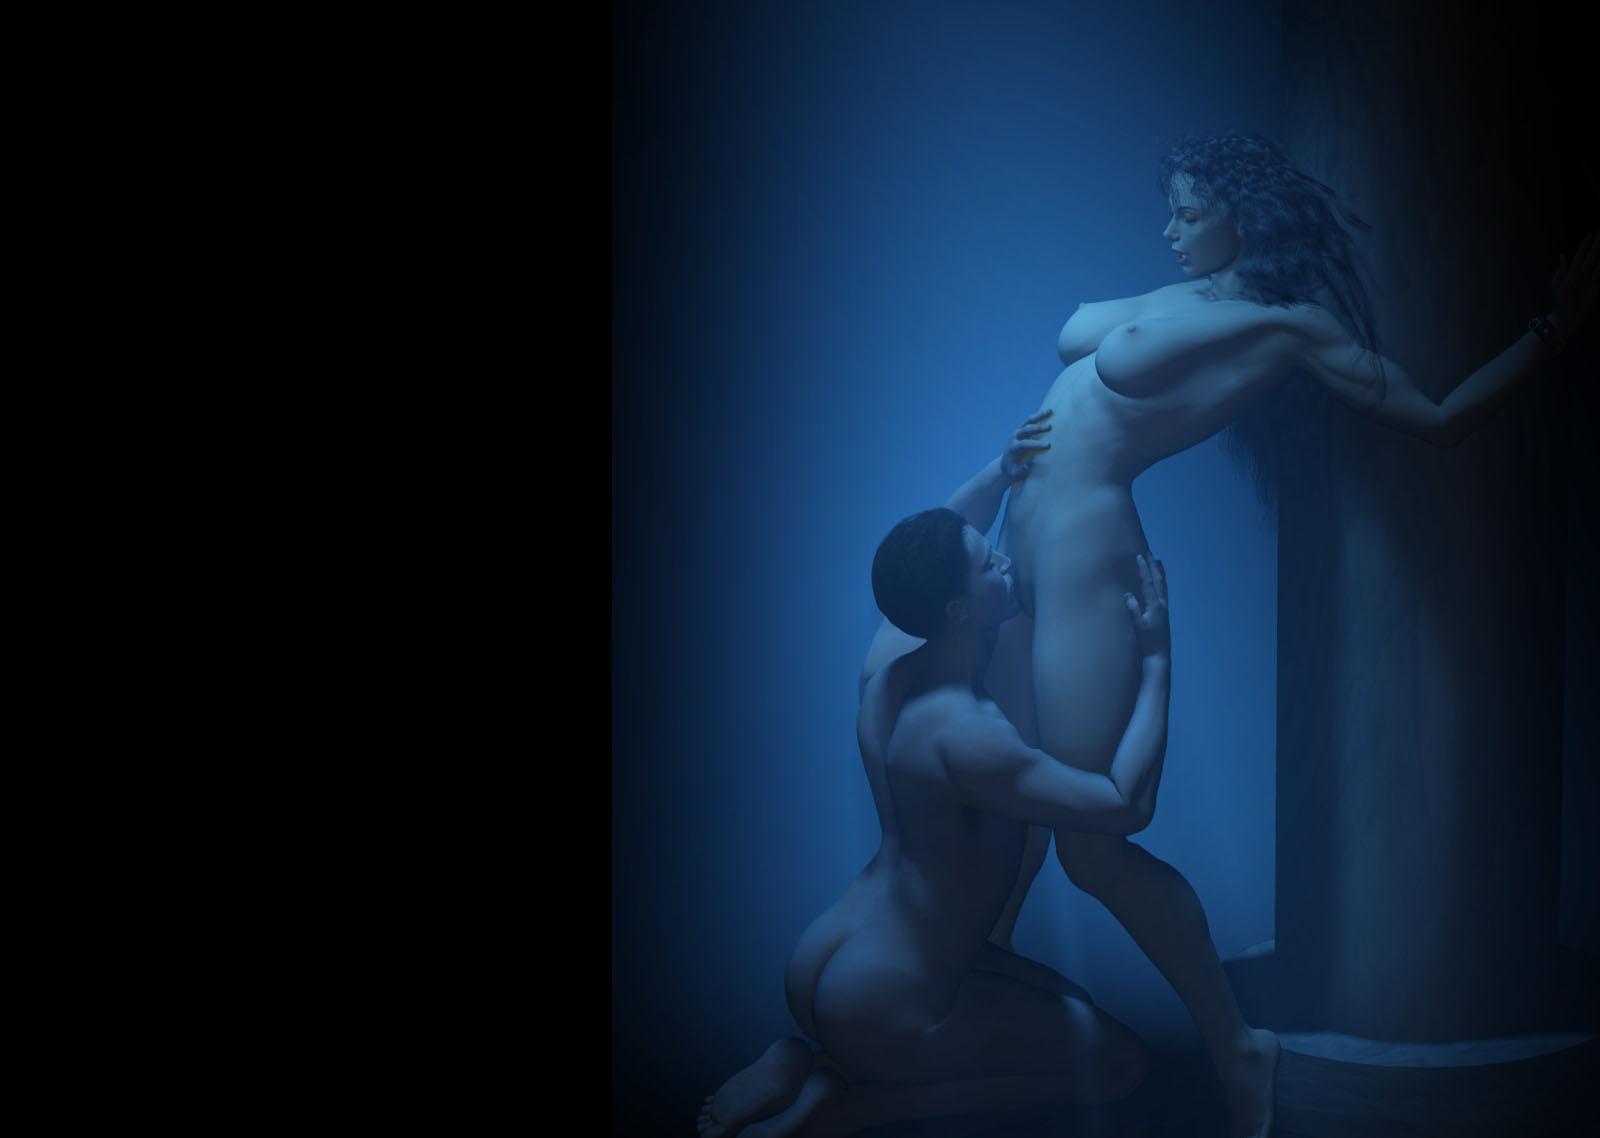 Стихи эротические об оральном сексе 20 фотография